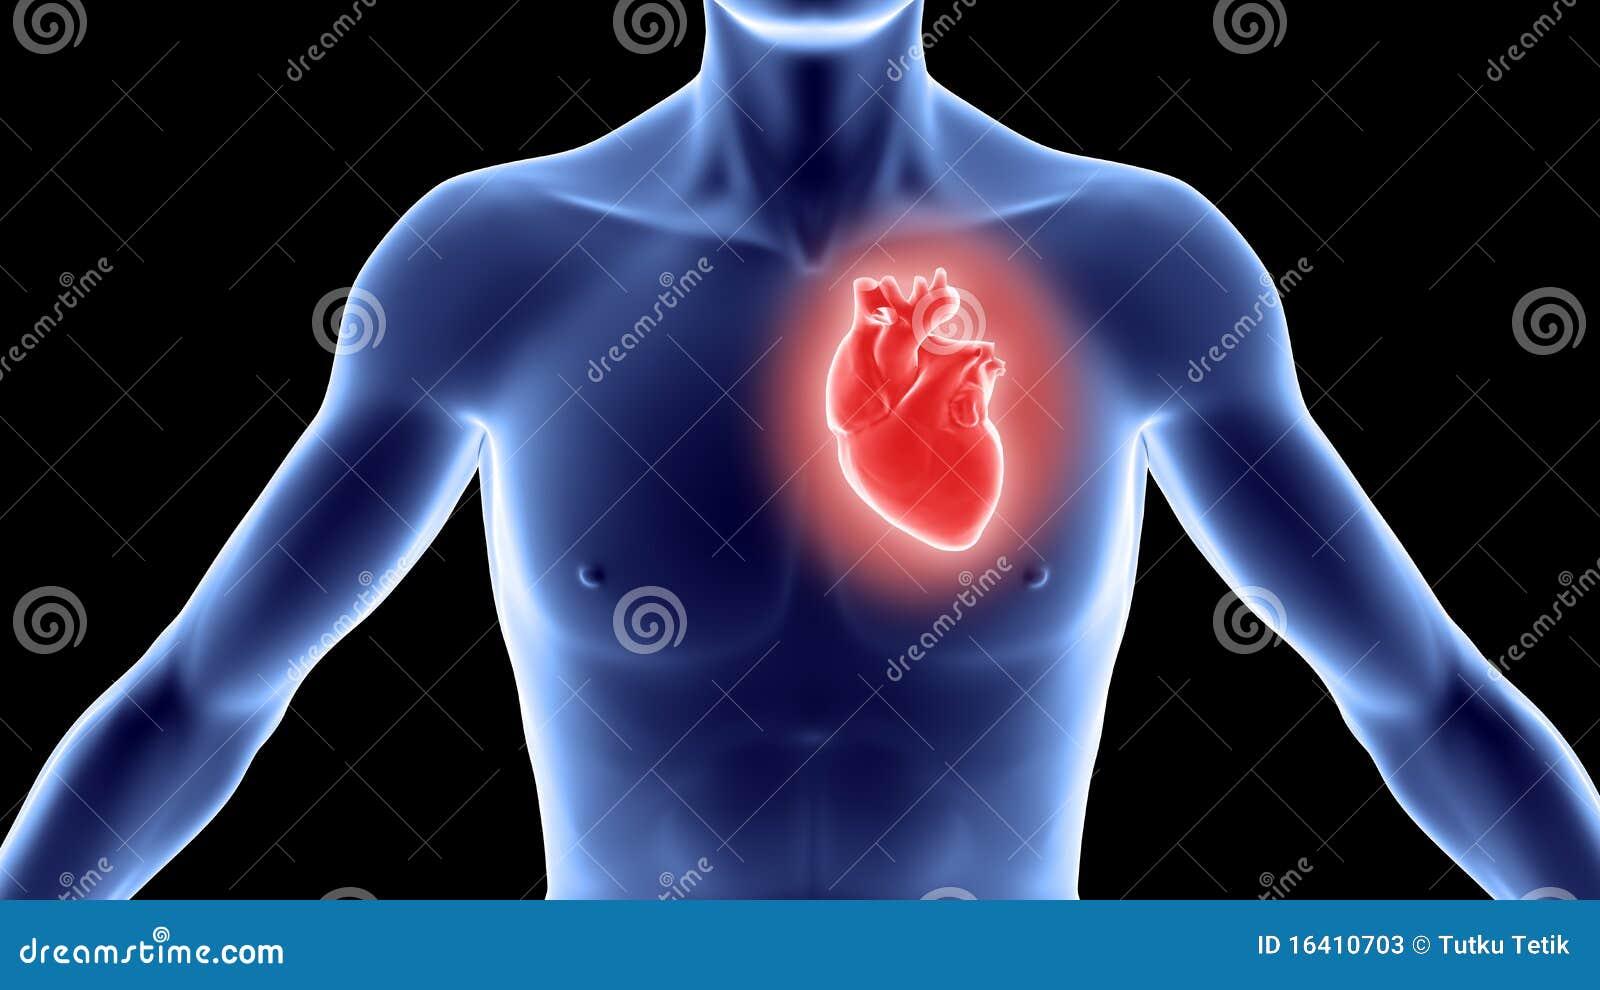 Increíble Anatomía Donde Se Encuentra El Corazón Foto - Imágenes de ...